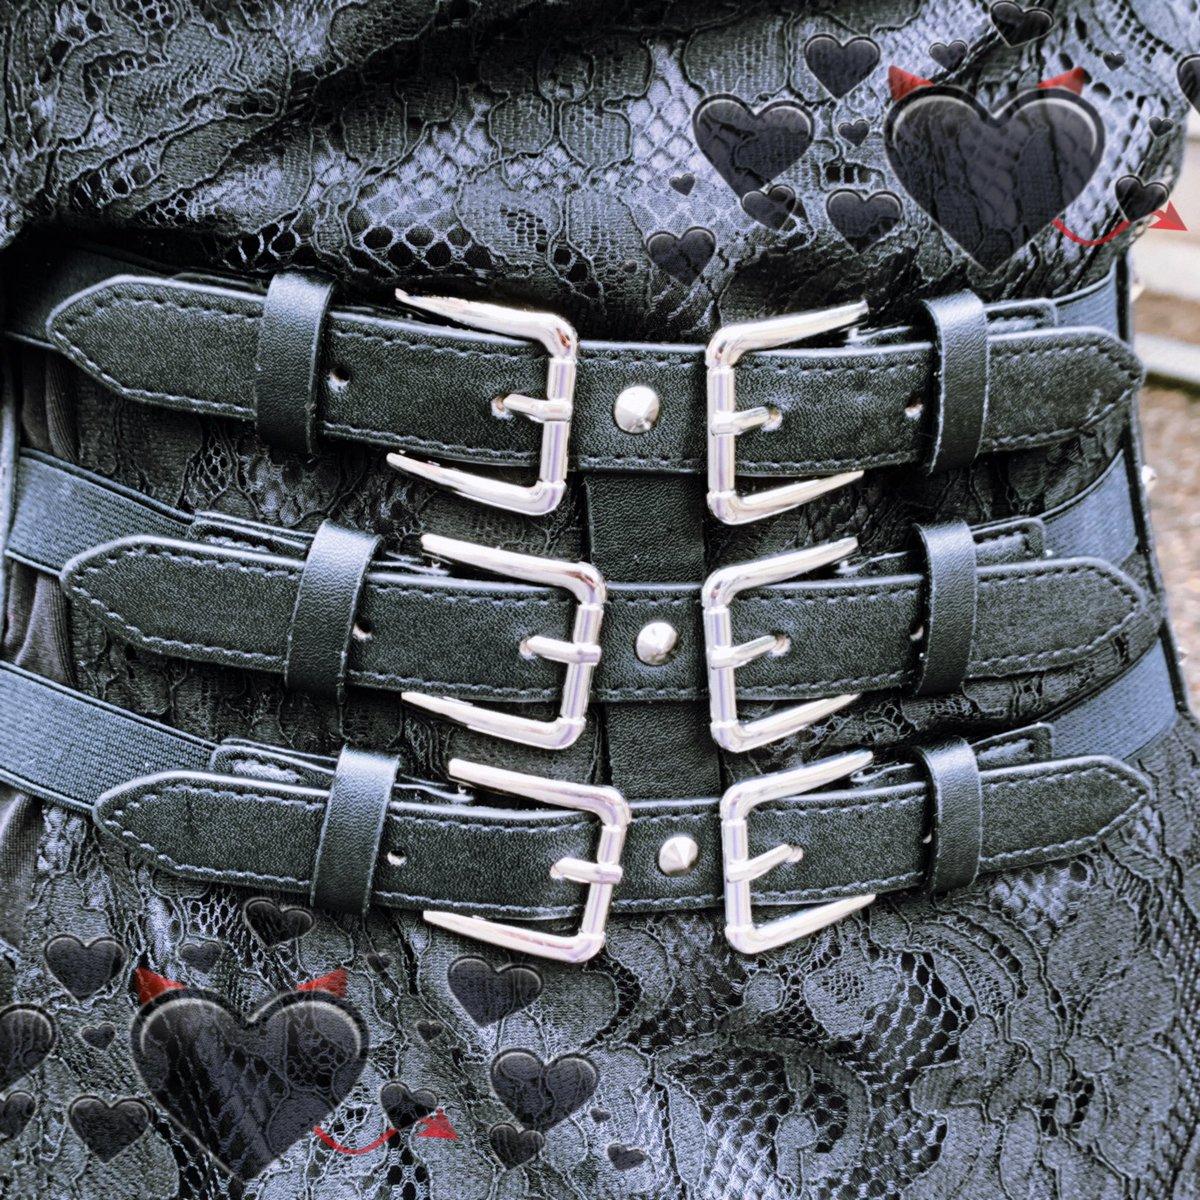 . トリプルバックルベルト . . . price▷¥1,650(税込) . \WEBサイト掲載中/ その他にも多数商品掲載しておりますので是非Webショップもご覧になられて下さい . #mocha #tokyo #koenji #ootd #outfit #kawaii #instafashion #instagood #instalike #kawaii #dailylook pic.twitter.com/KWiQIJBkHp